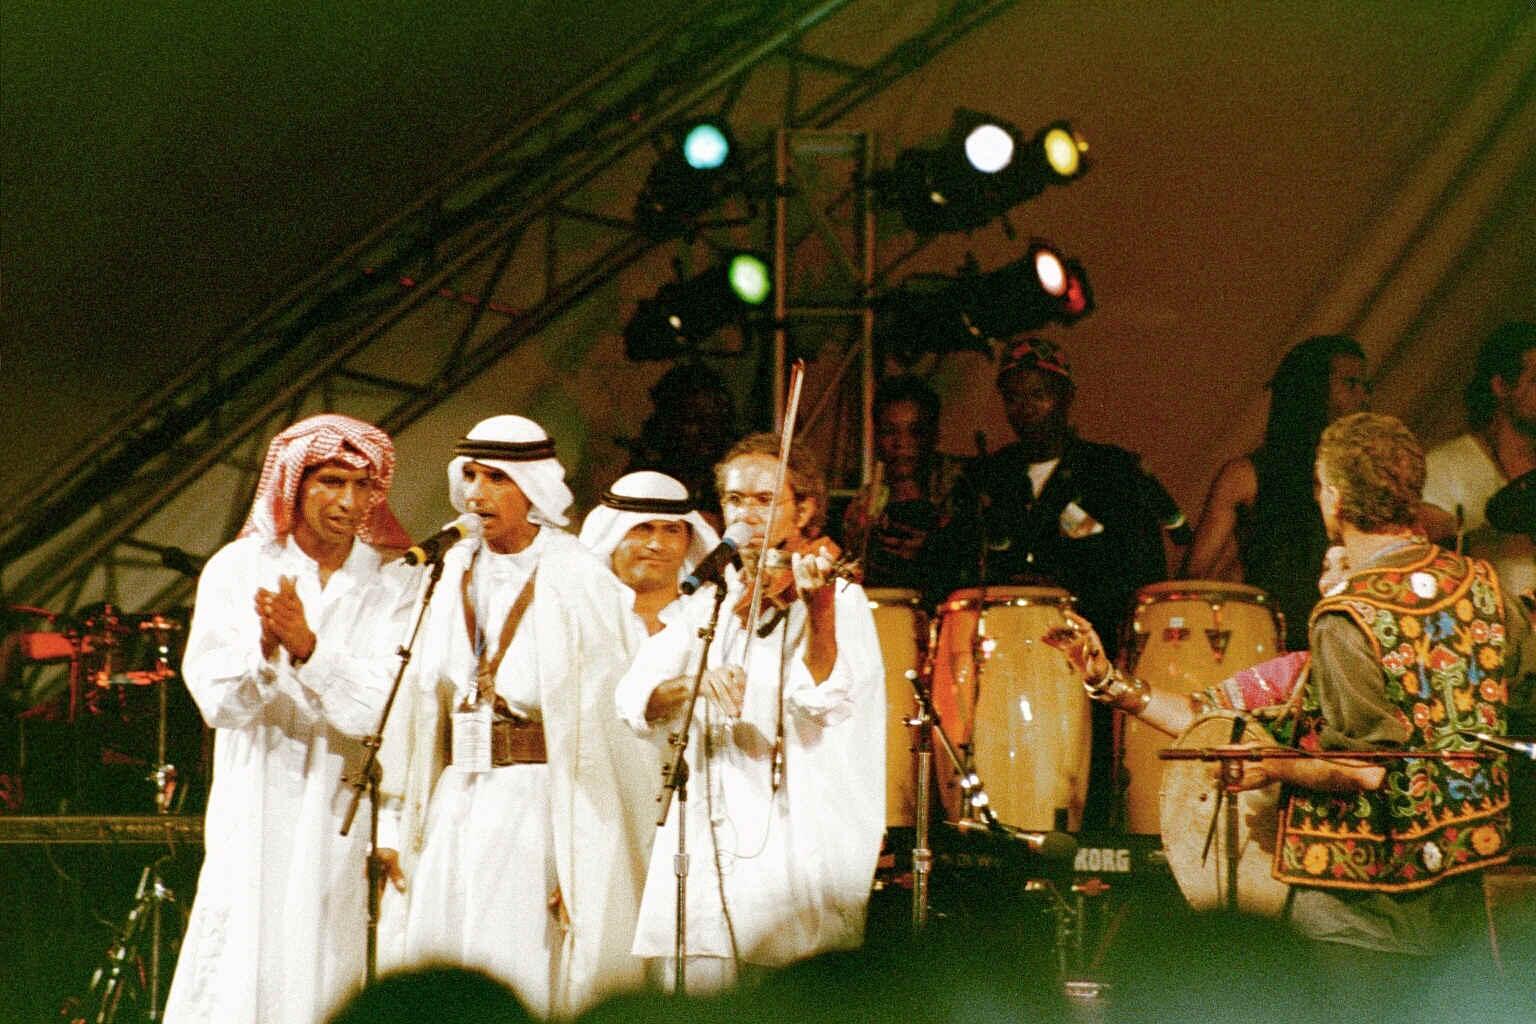 Arabmusicians.jpg